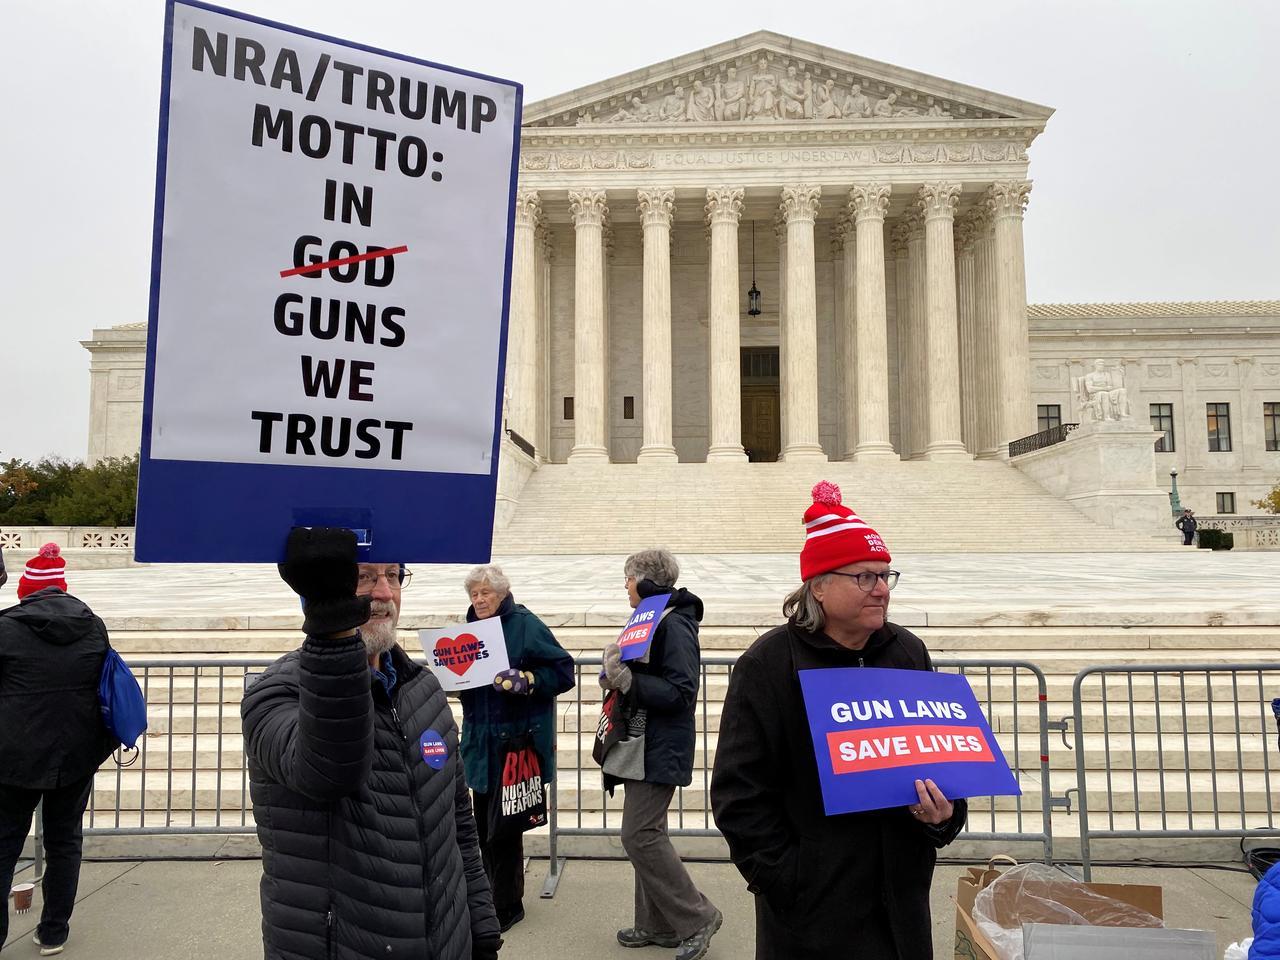 Tối Cao Pháp Viện Hoa Kỳ sẽ xem xét vụ kiện về quyền kiểm soát súng